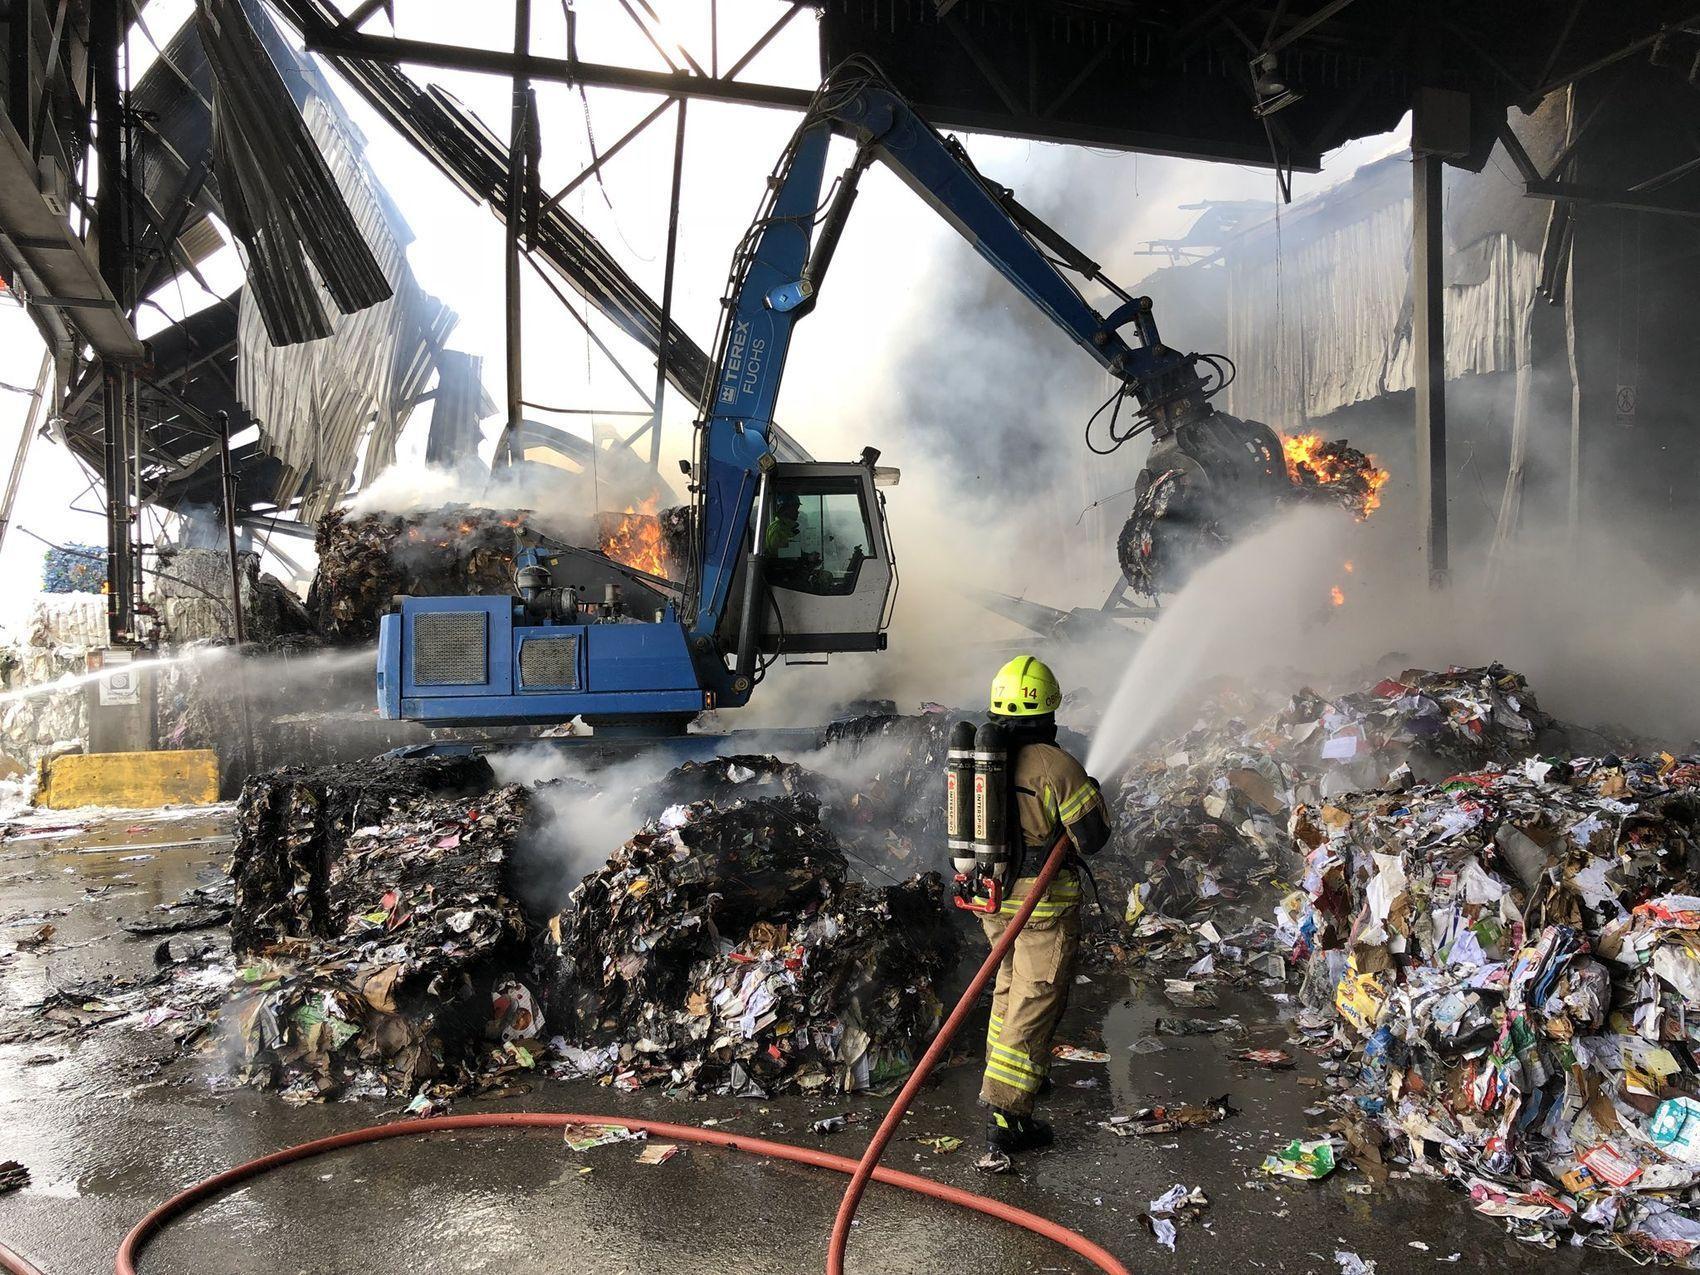 KRAFTIG BRANN: Brannen på Norsk gjenvinning på Alna har bydd på utfordringer for brannvesenet. Rundt 20 timer etter at den brøt ut torsdag formiddag brenner det fortsatt, men brannvesenet har kontroll.